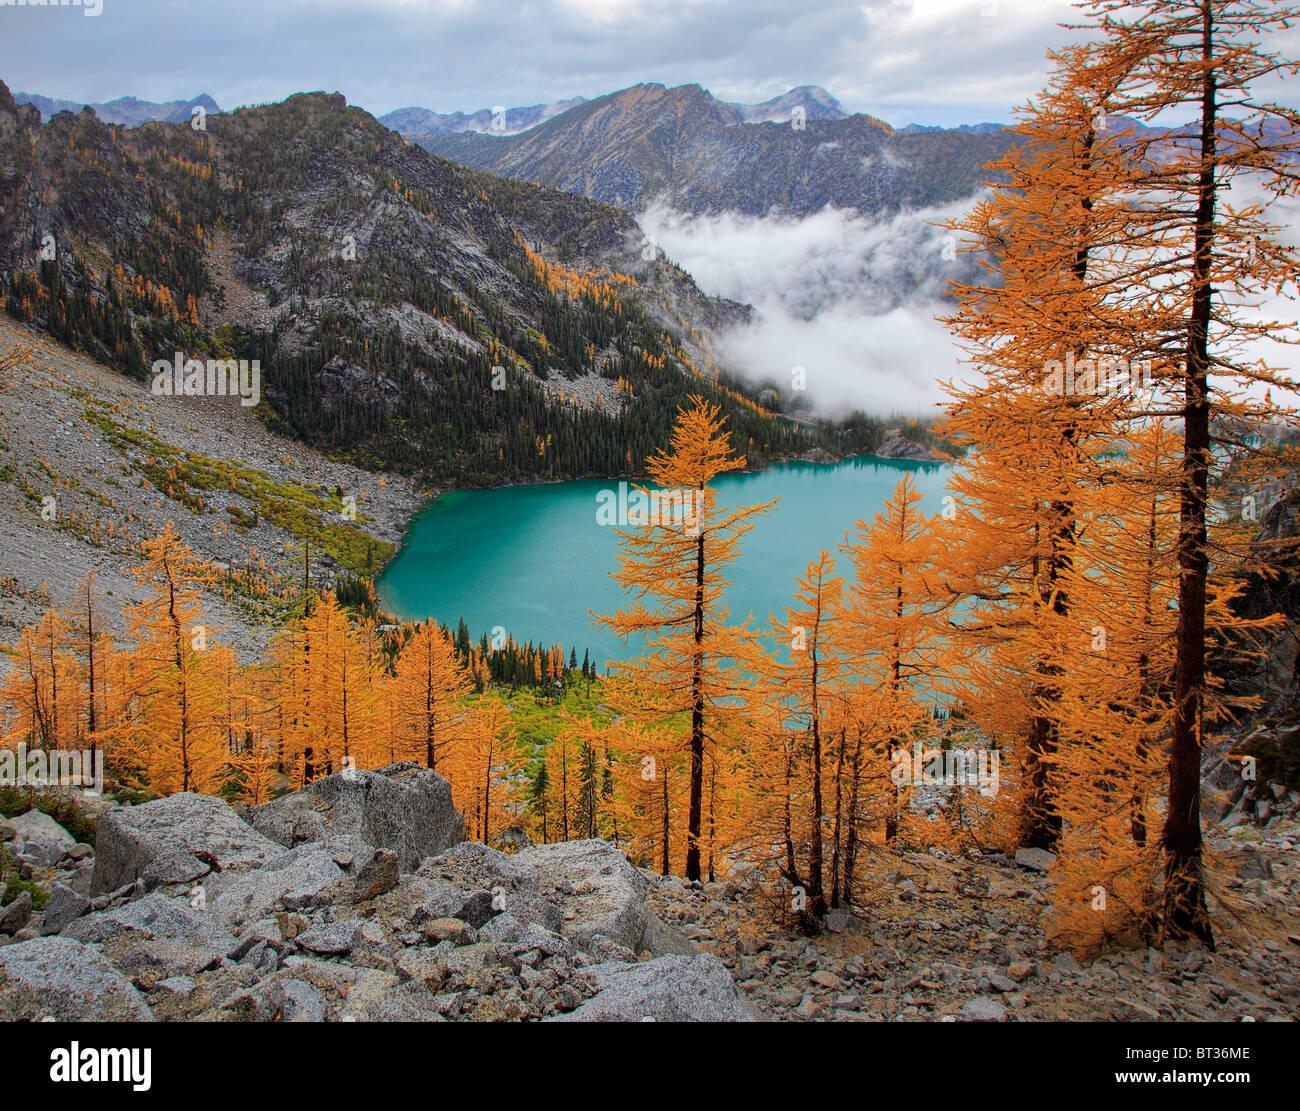 Alerces en Asgaard, pase por encima Colchuck Lago, en el Encantamiento Lagos desierto del estado de Washington. Imagen De Stock